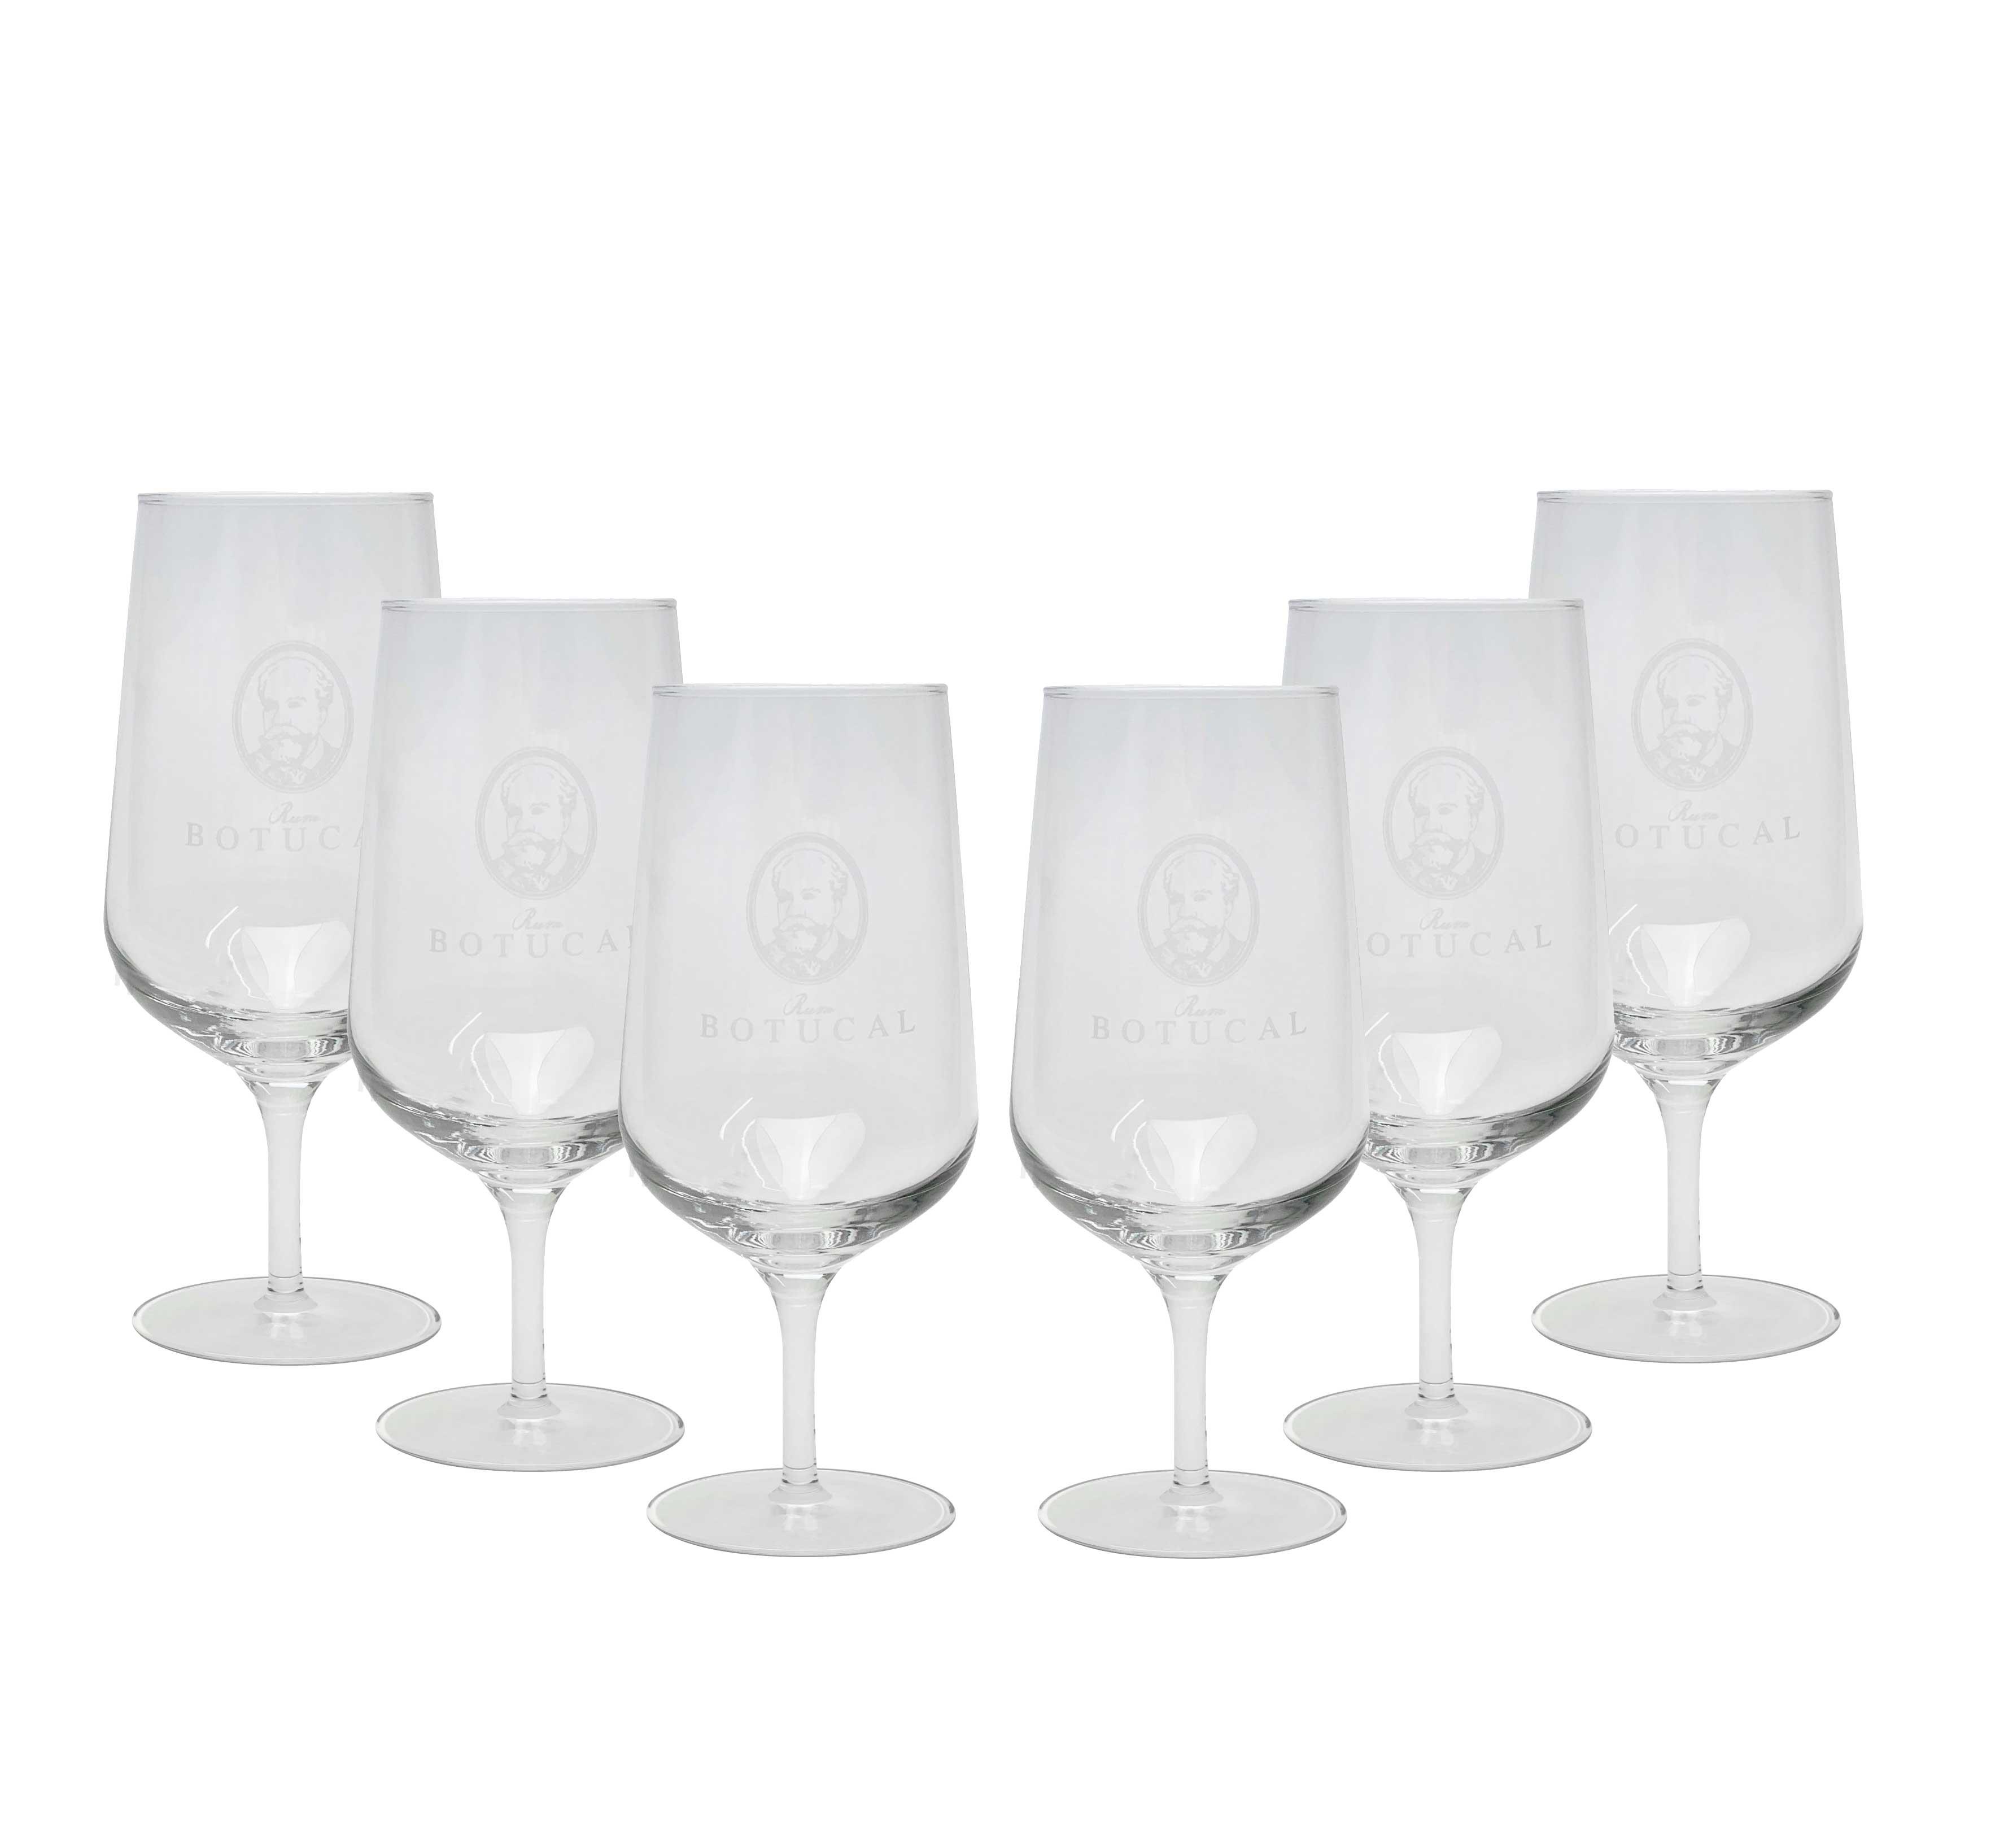 Botucal Rum Nosing Glas Gläser Set Ron de Venezuela Glas Longdrinkglas - 6x Gläser